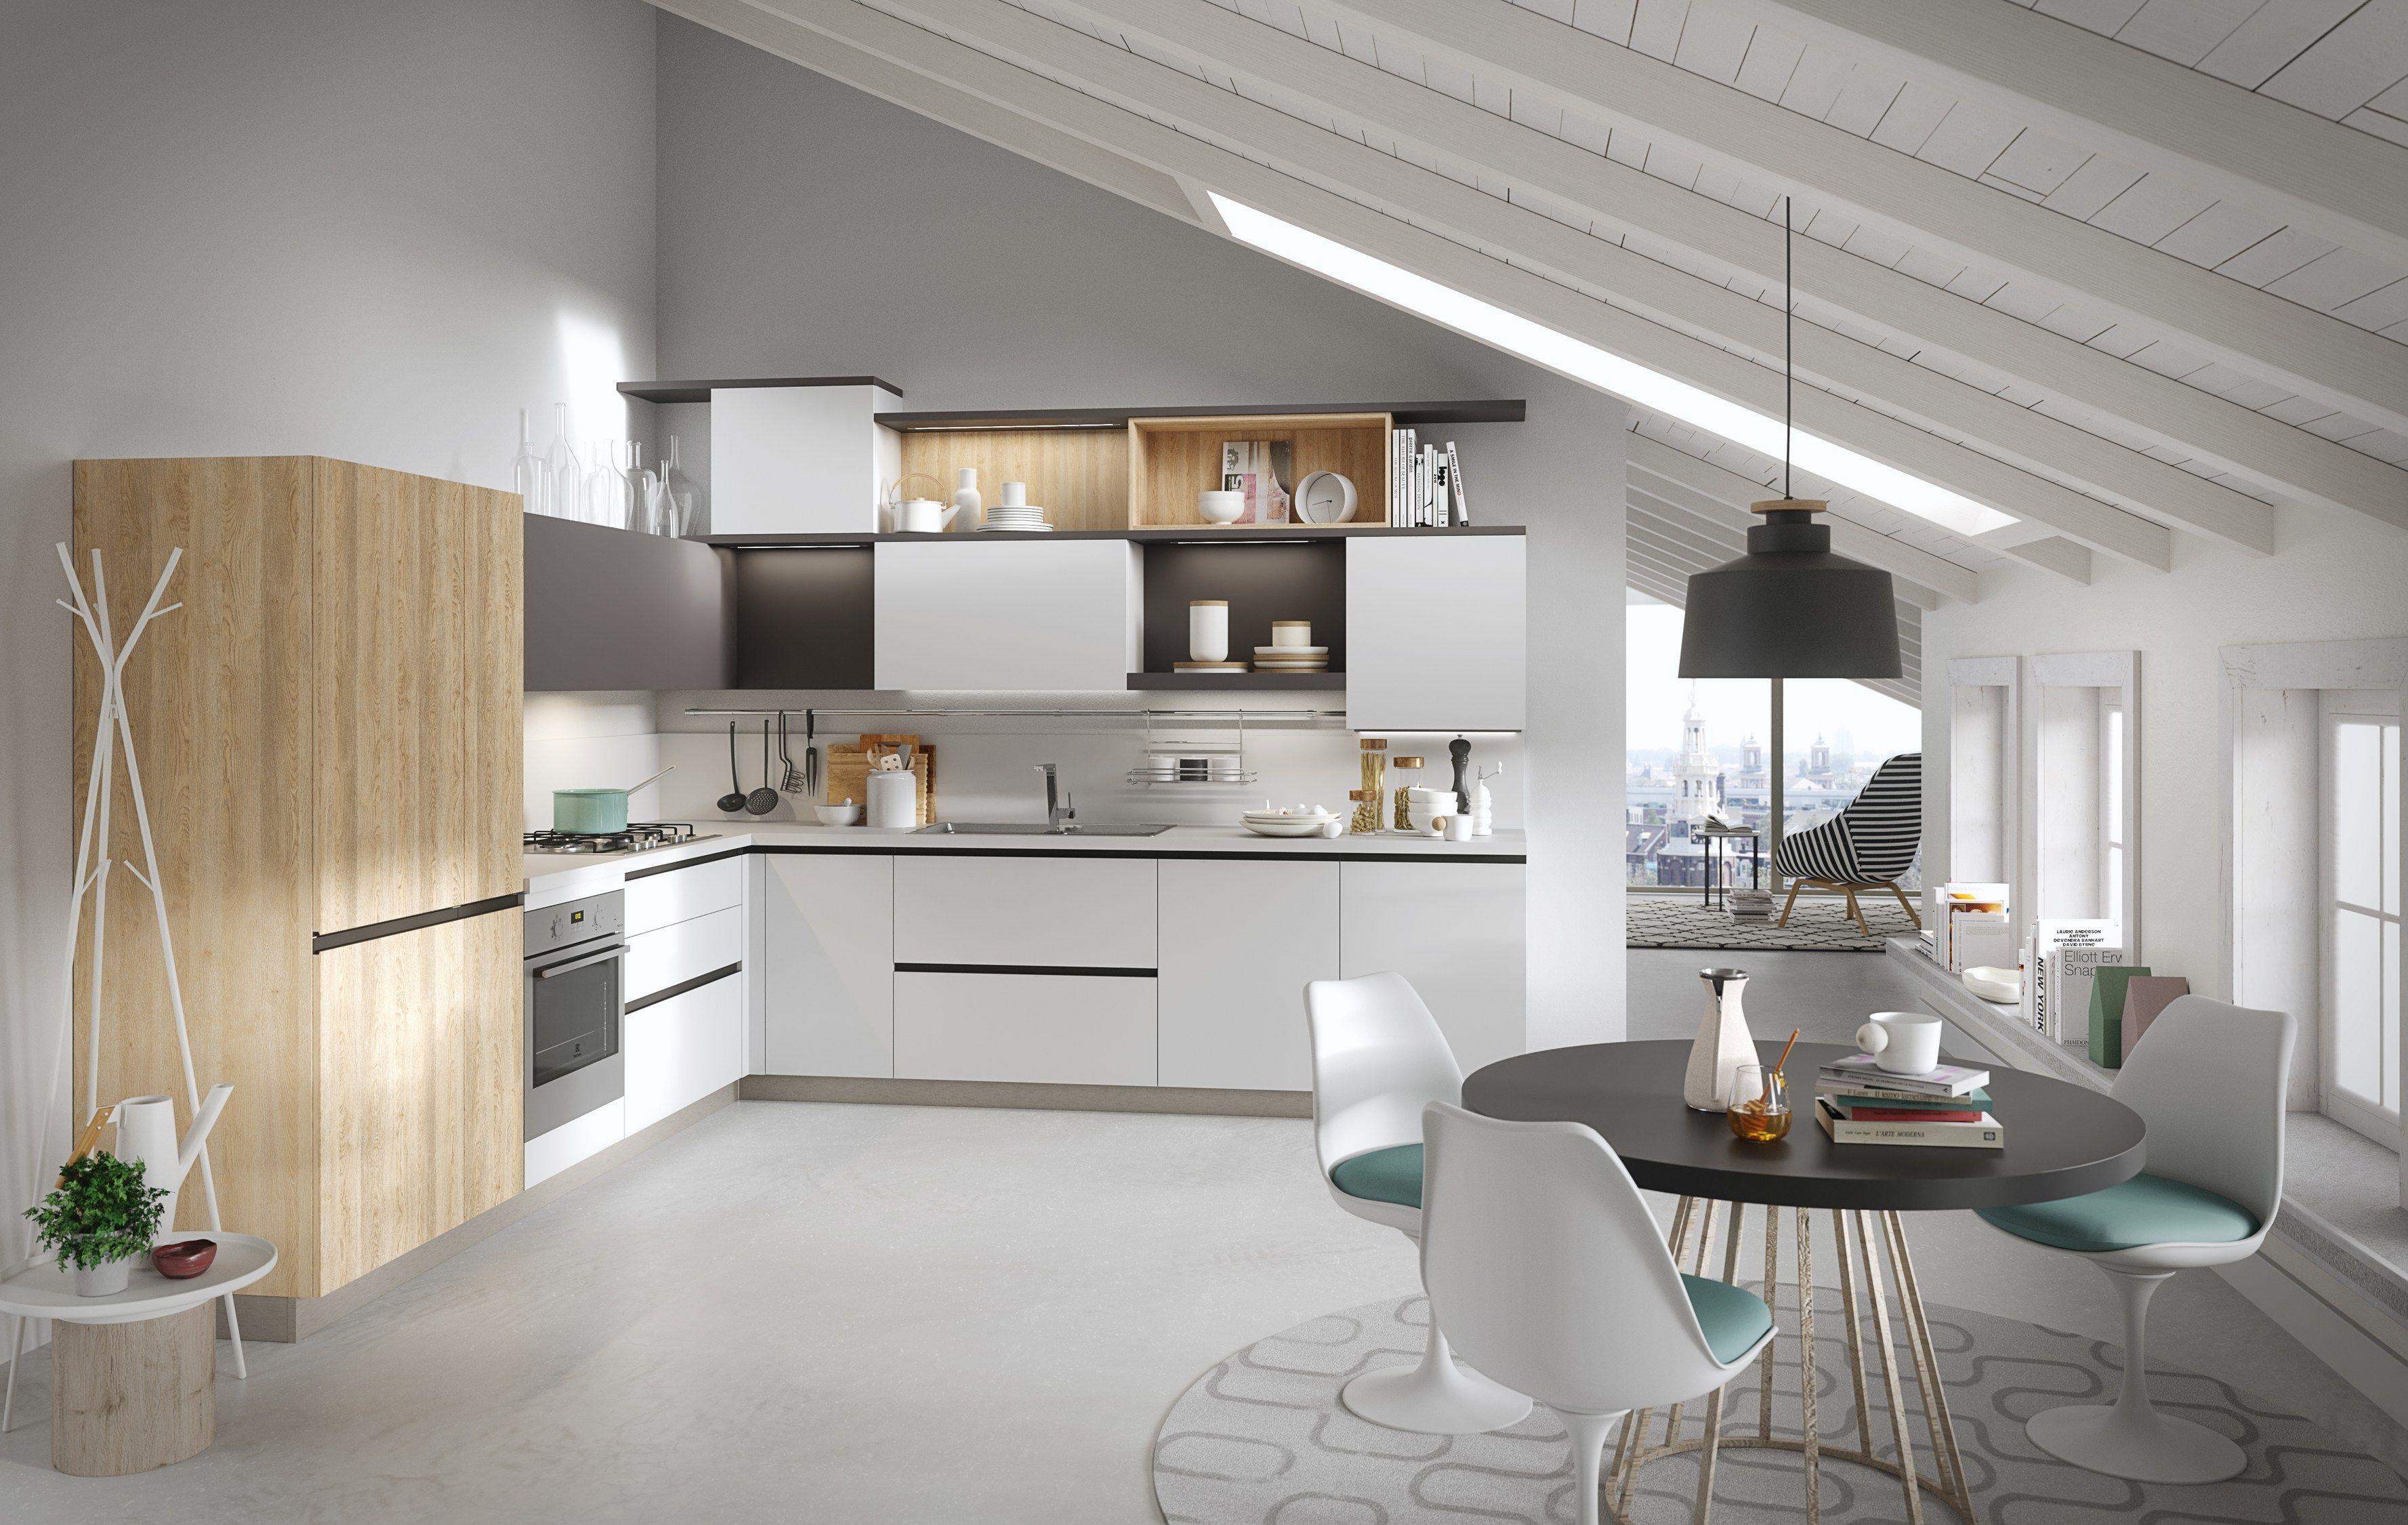 Cocina Integral Con Tiradores Integrados Joy By Snaidero Dise O  # Muebles Tablemac